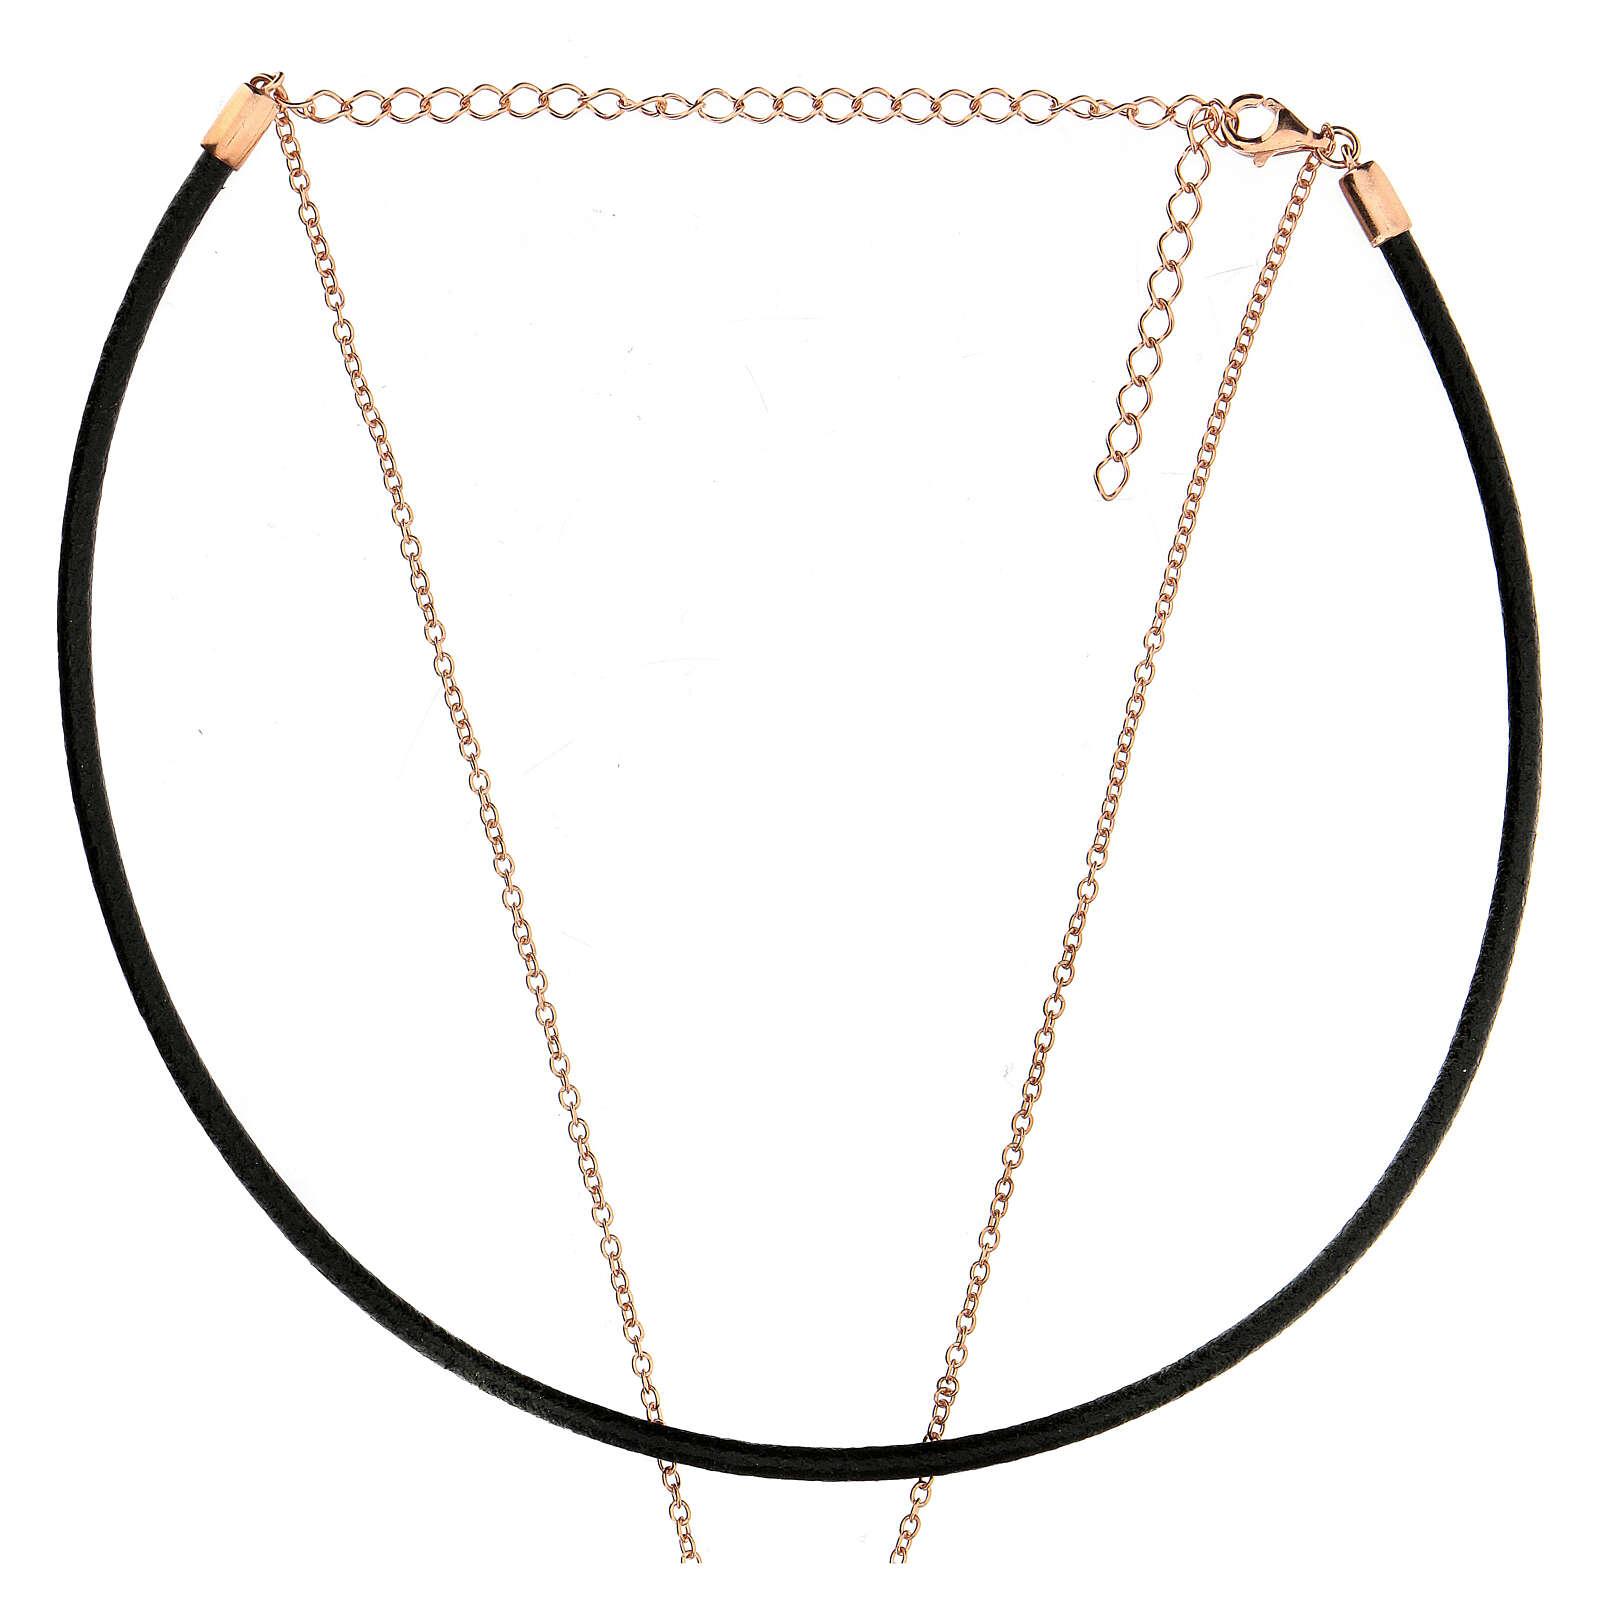 Girocollo croce argento 925 rosé cuoio nero 4